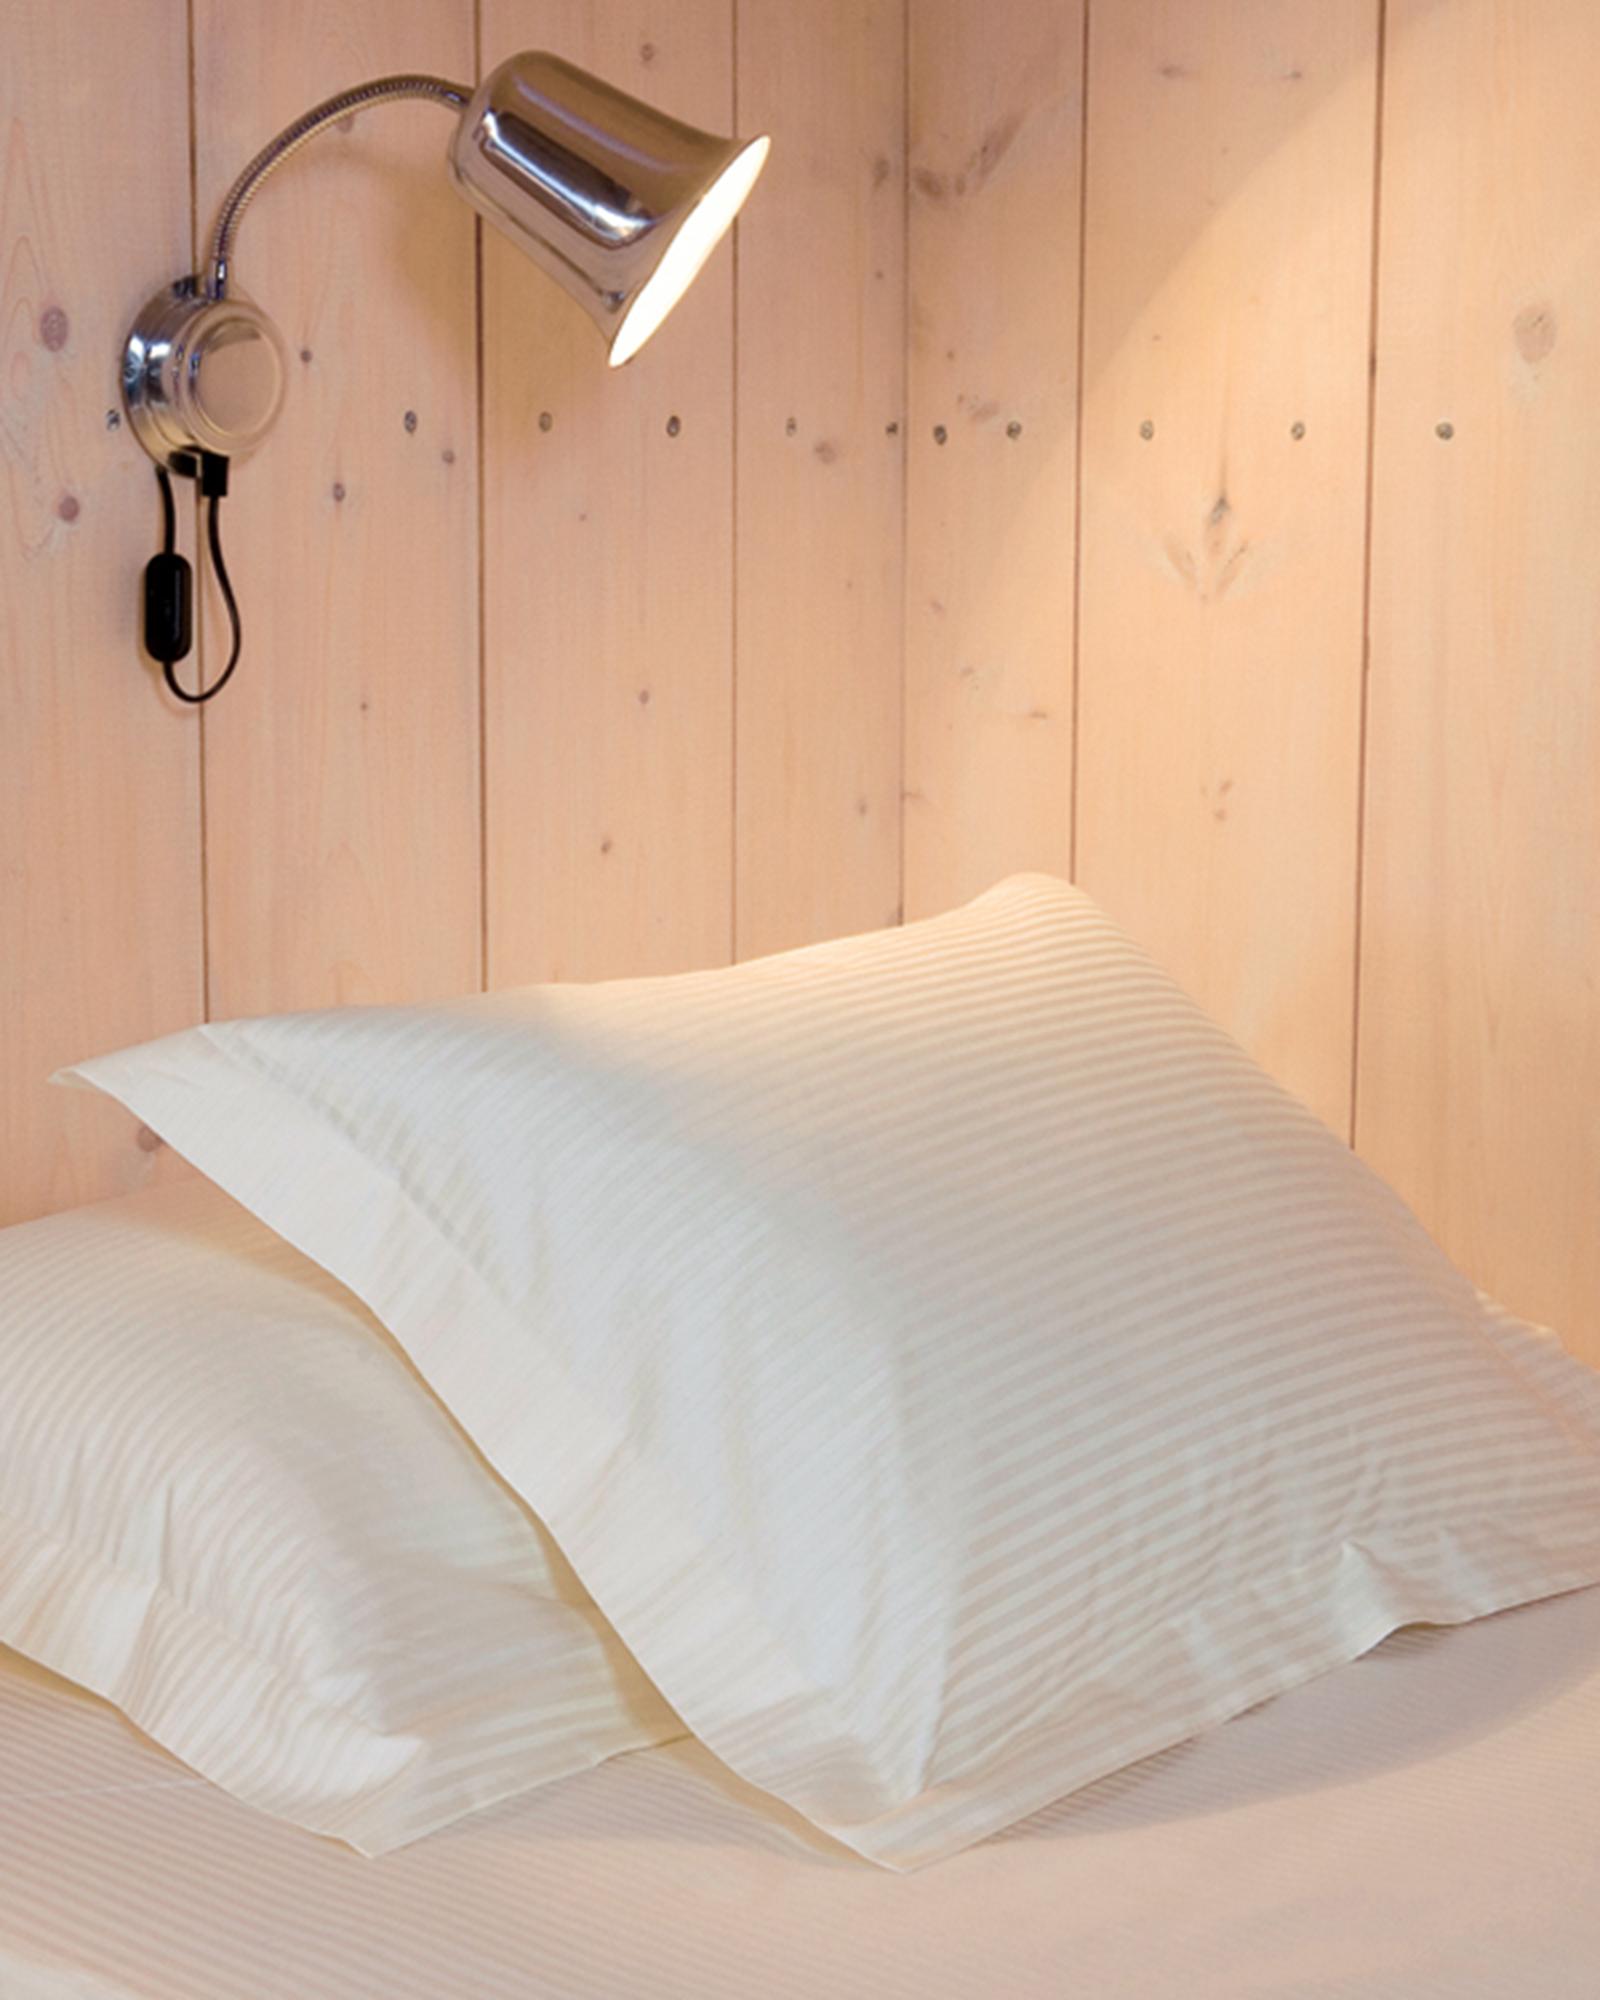 Gastaldi ara sängkläder Klässbols Linneväveri creme